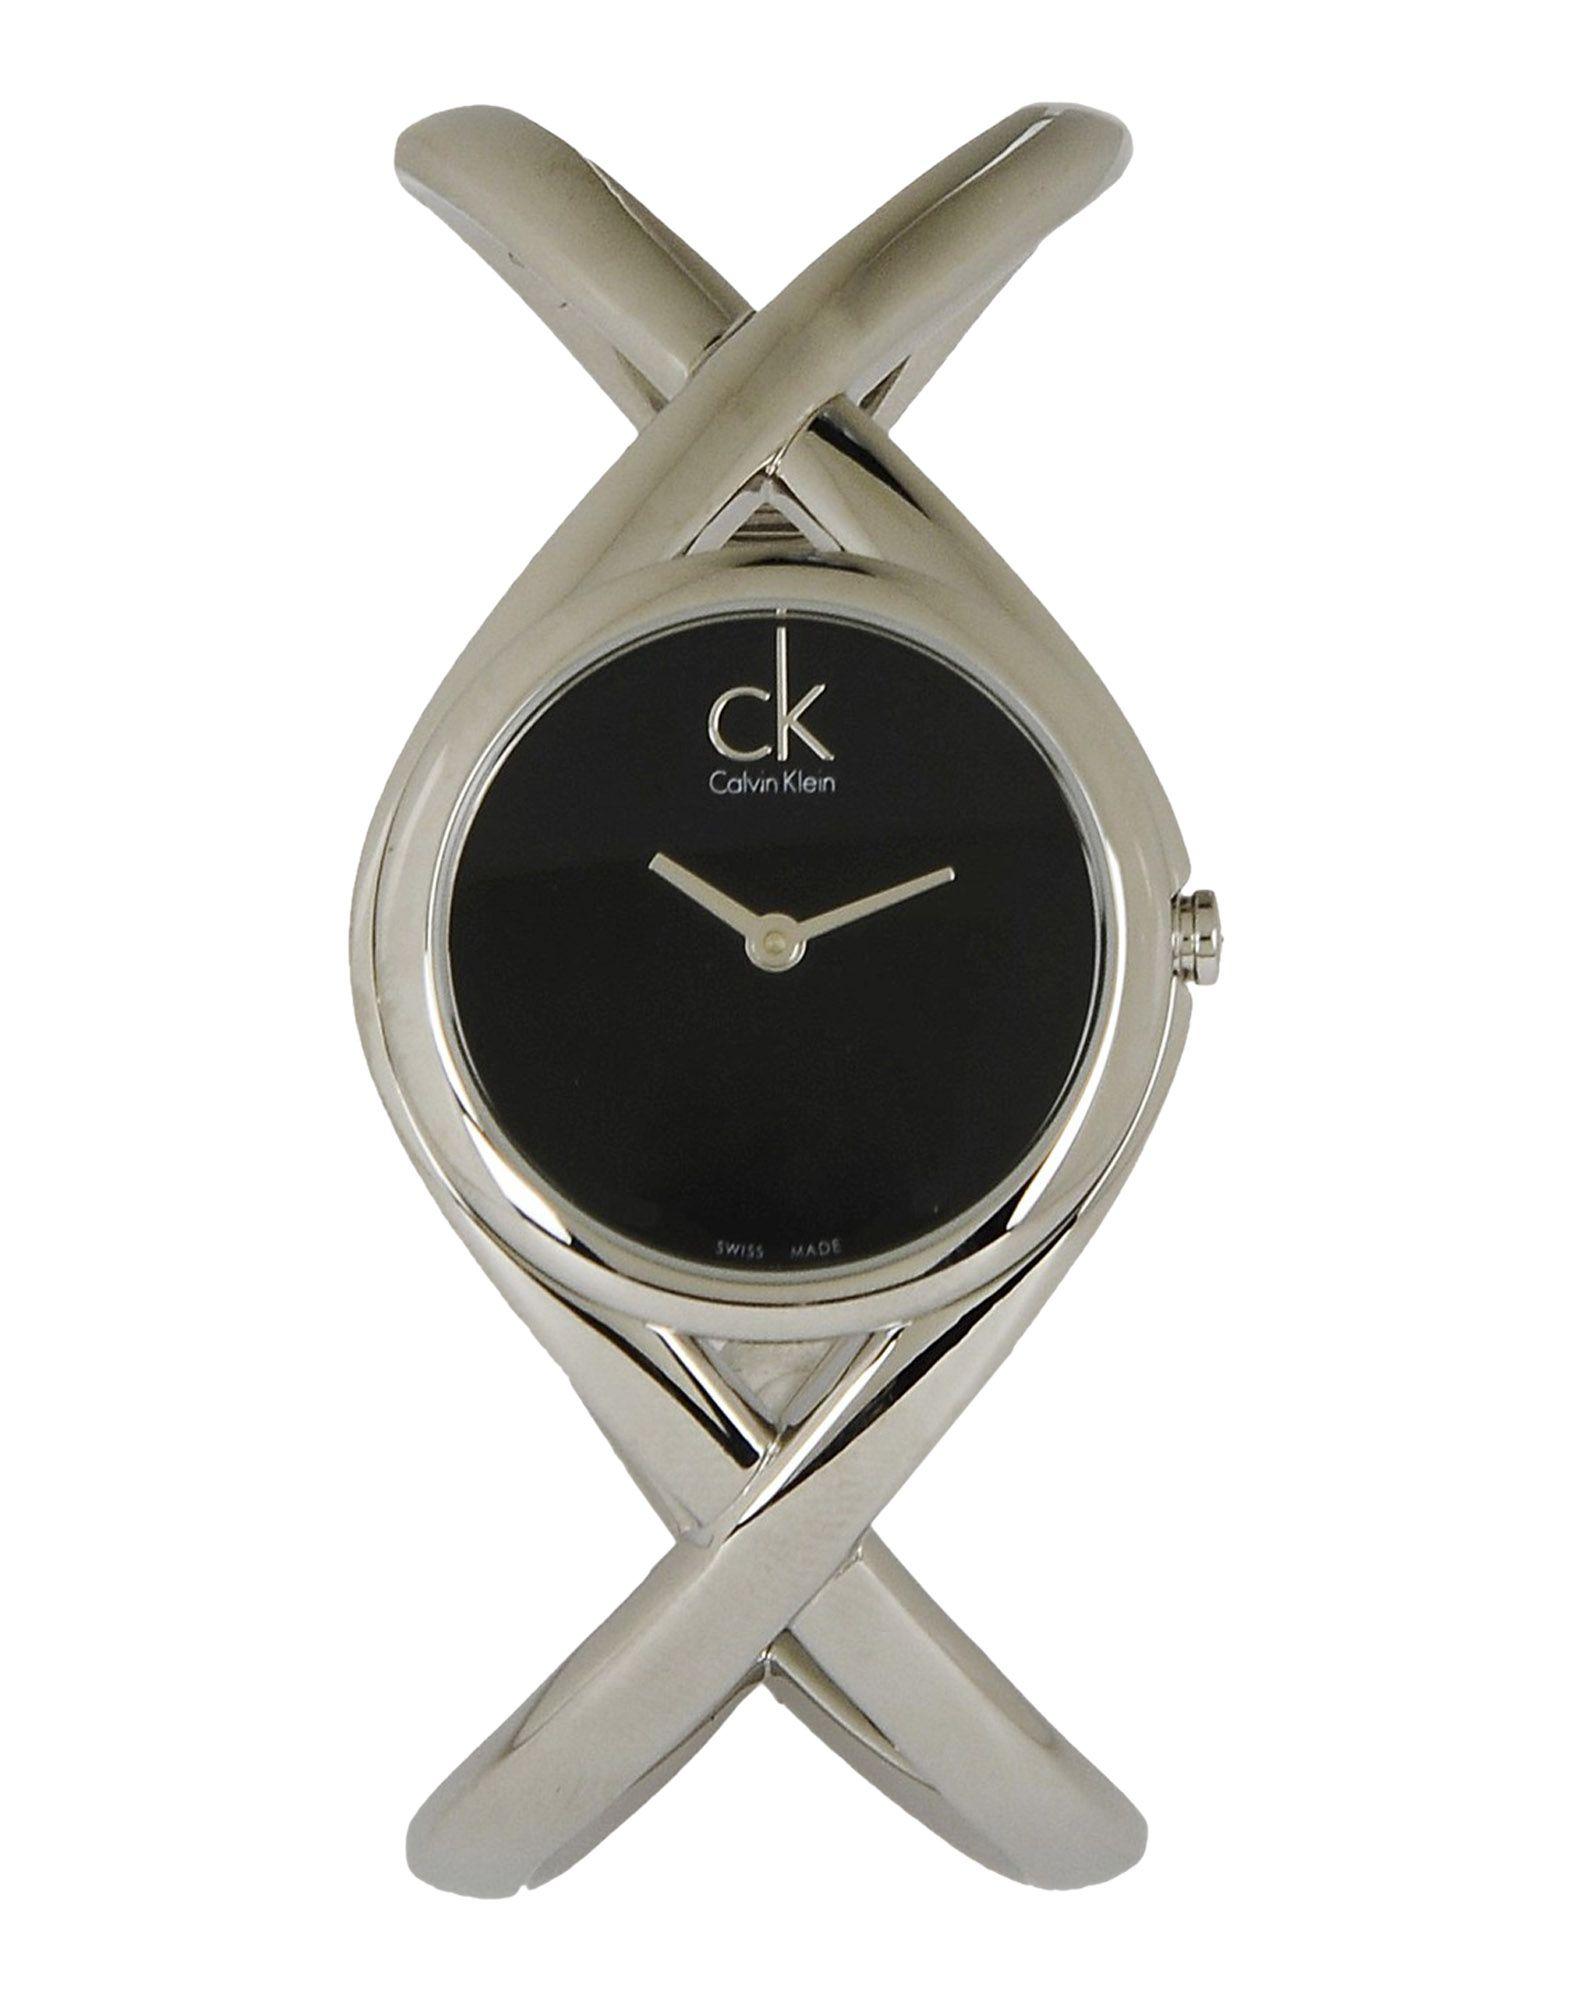 CK CALVIN KLEIN Наручные часы ck calvin klein свитер